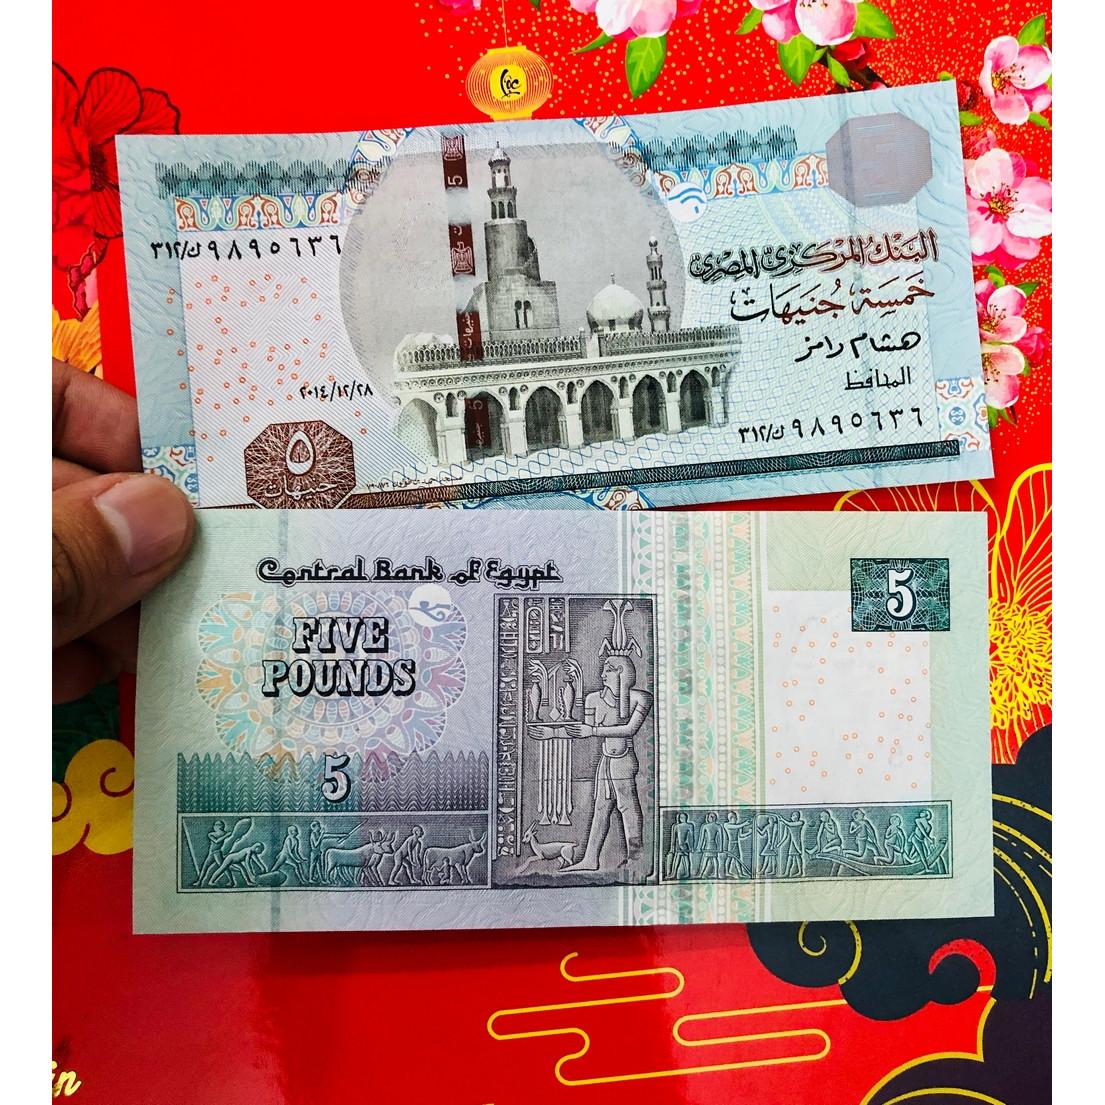 Tiền Ai Cập 5 Pound hình ảnh biểu tượng đất nước, mới 100% UNC - kèm bao lì xì